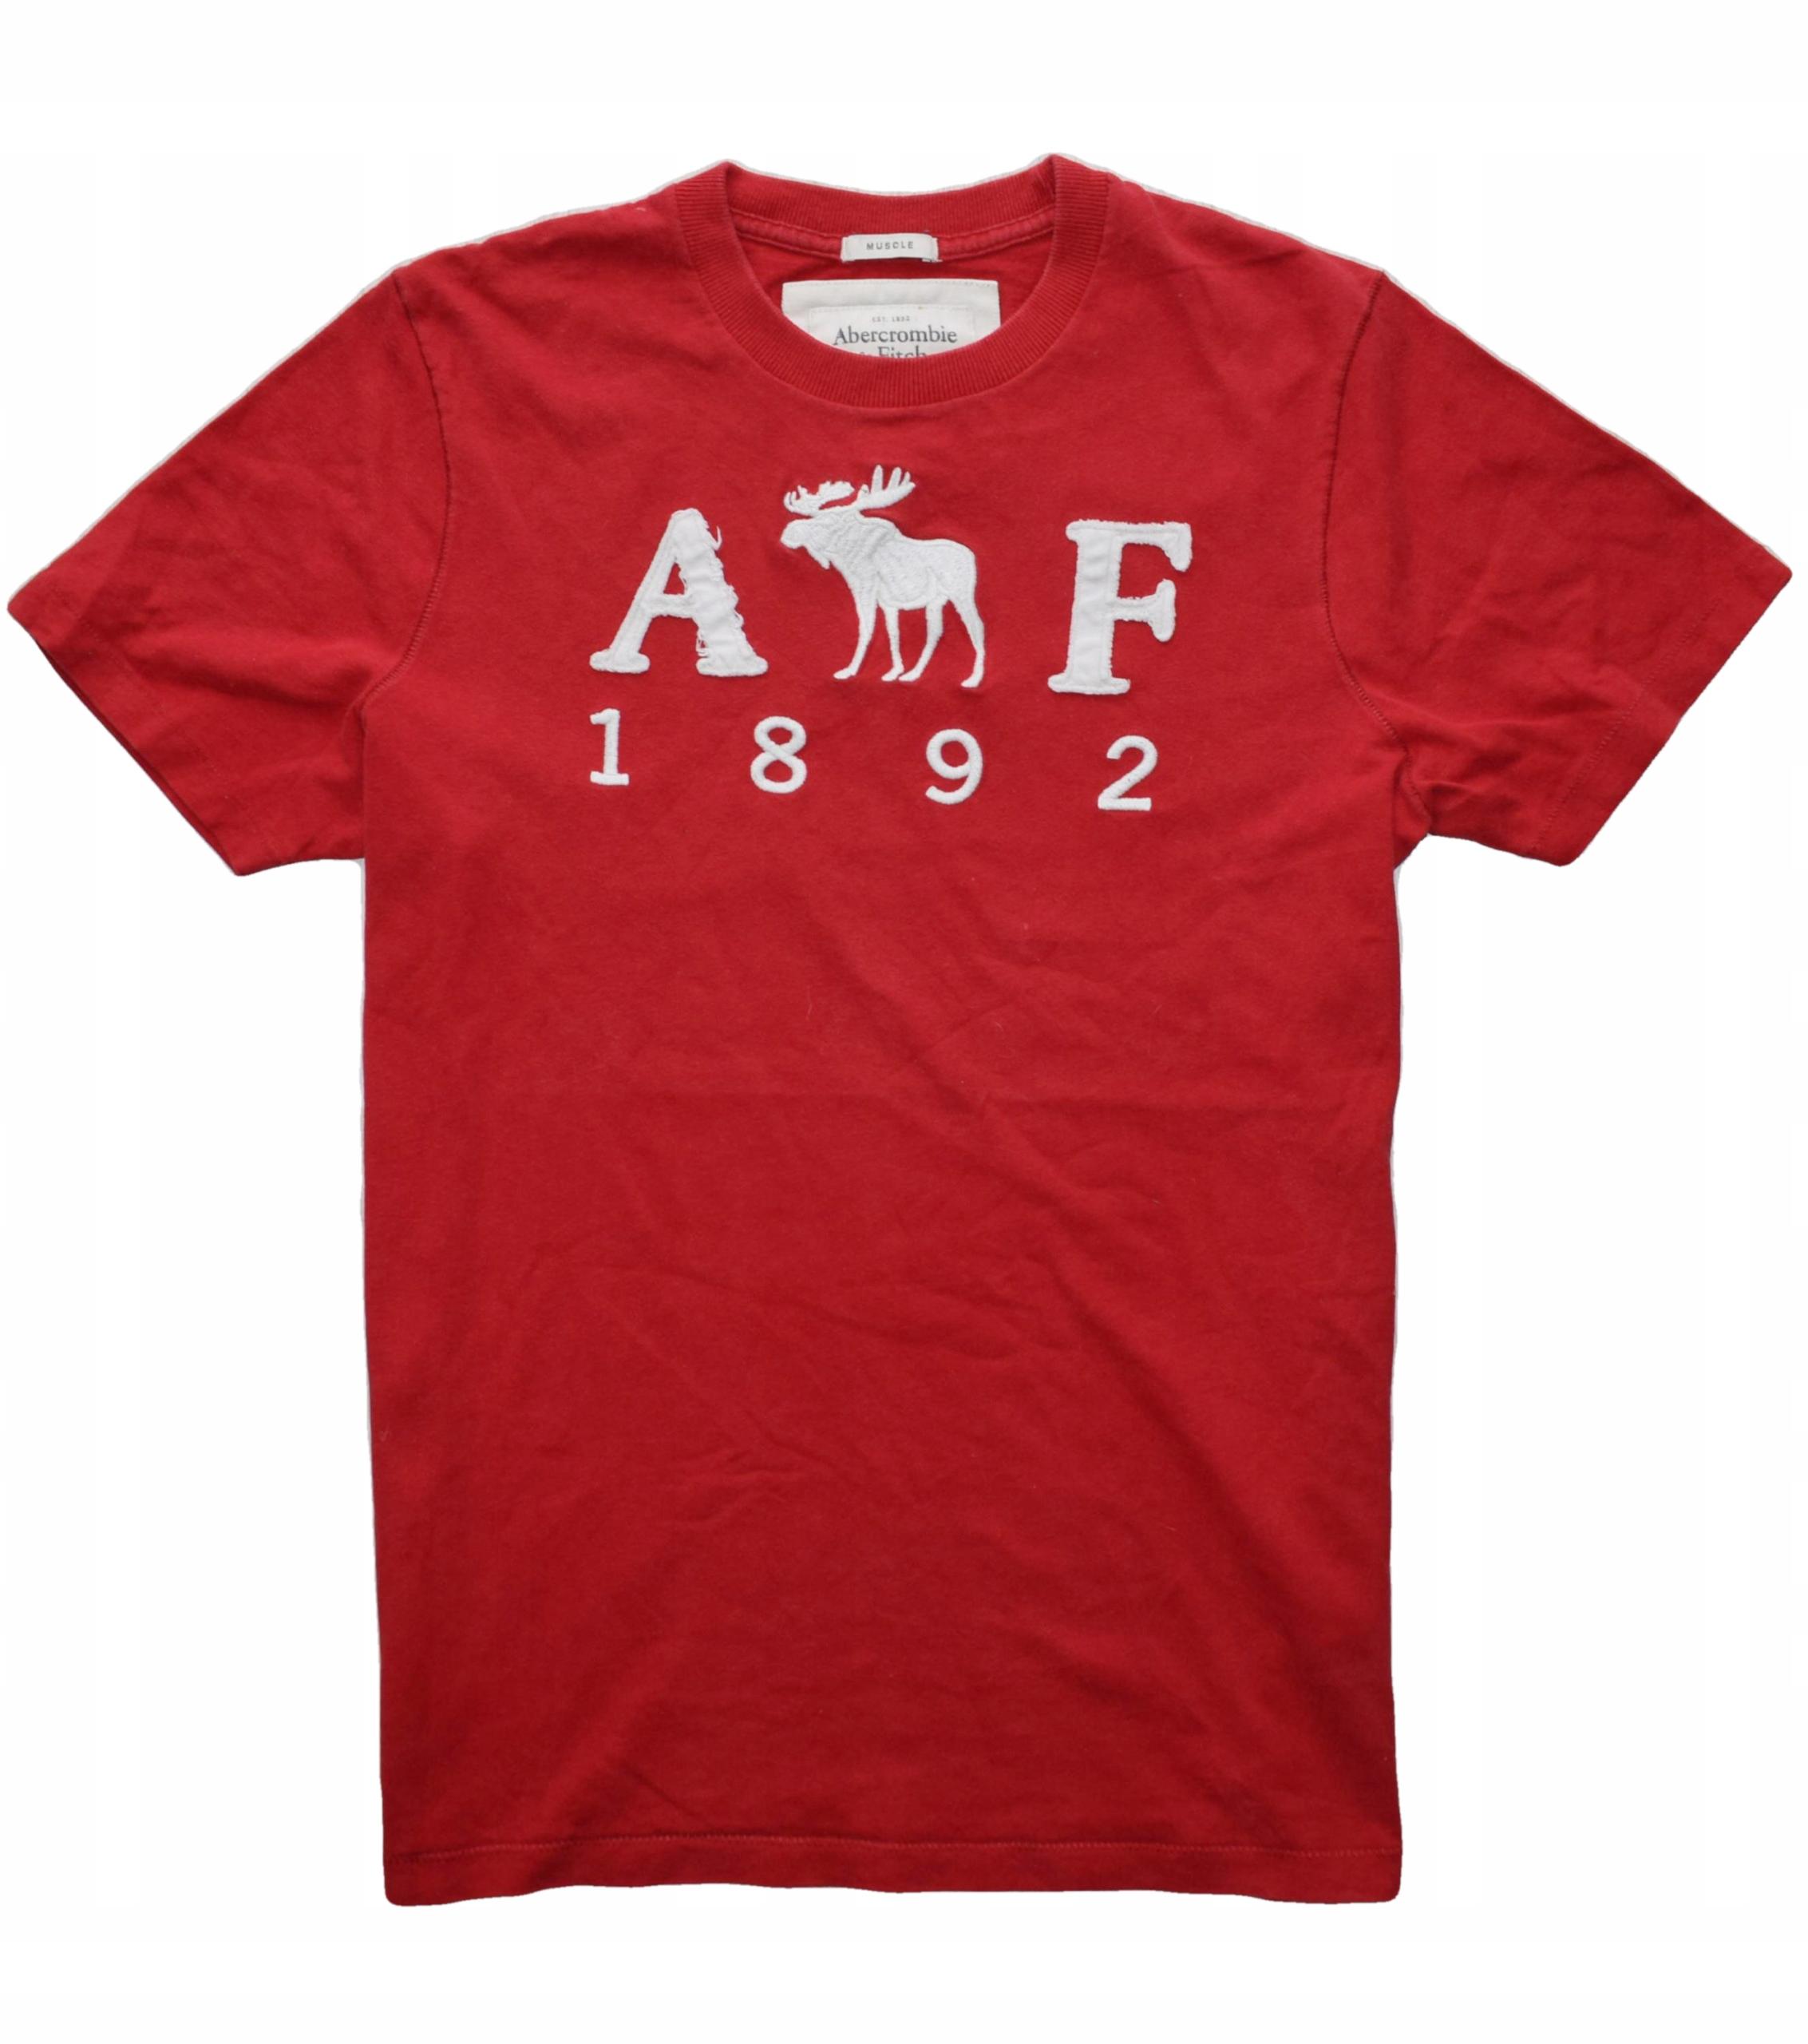 Abercrombie&Fitch M/L duże haftowane logo